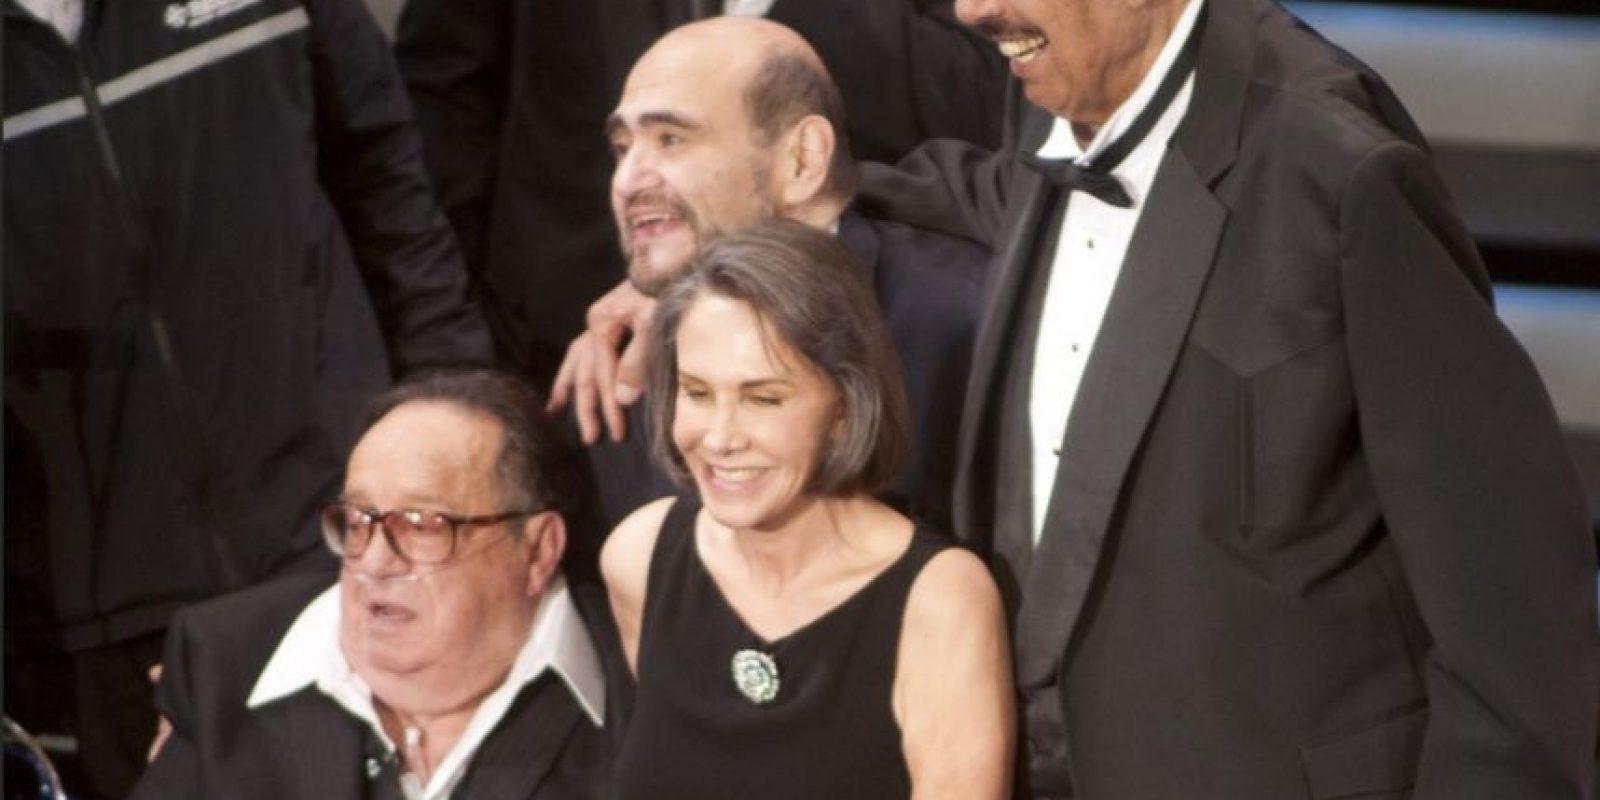 El guion surgió de un sketch escrito por Gómez Bolaños Foto:Cuartoscuro